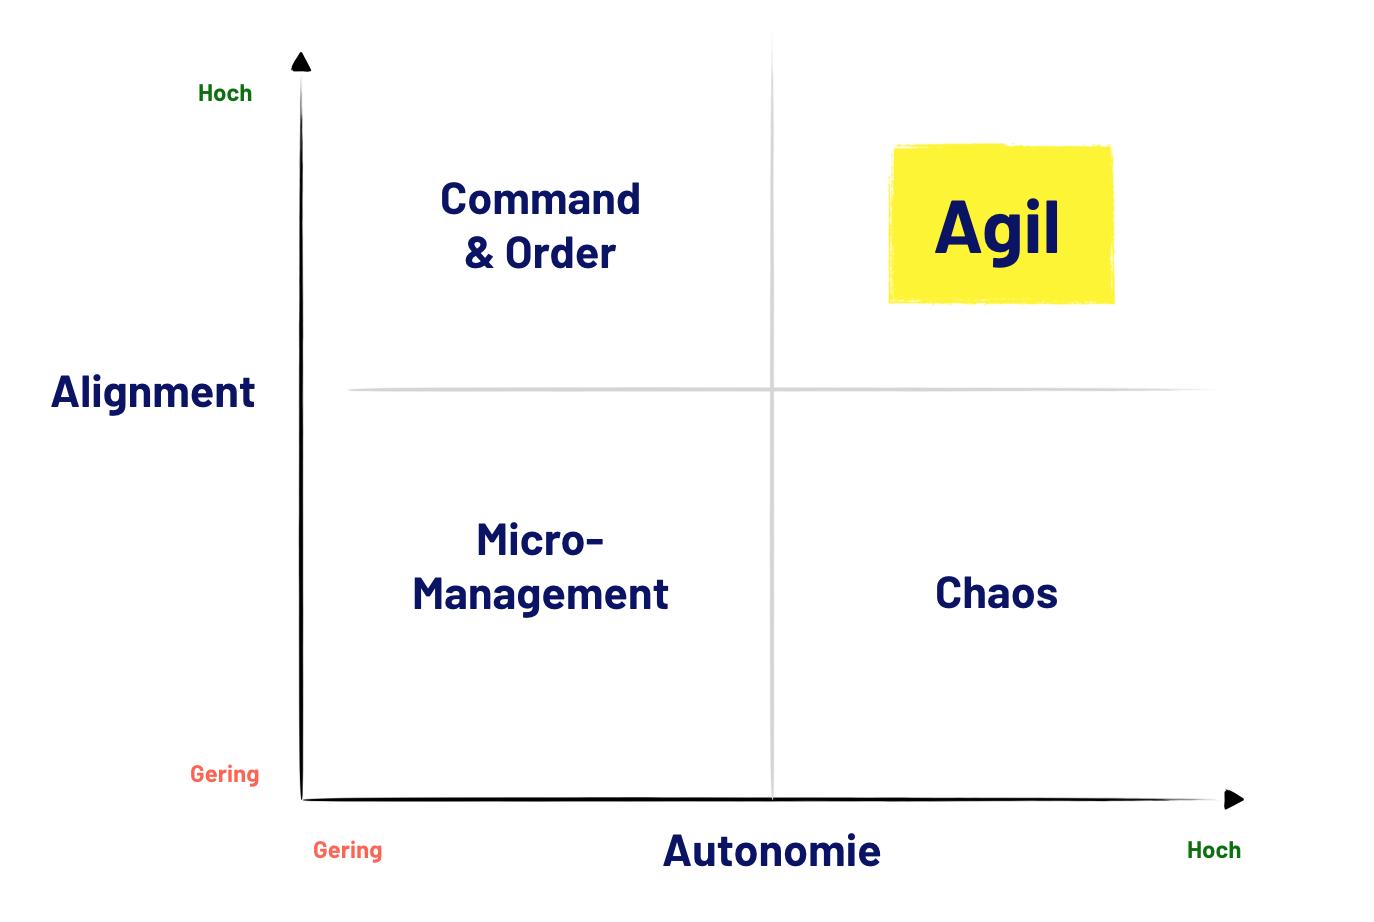 Agile Organisationen setzen auf eine hohe Balance zwischen Autonomie und einem hohen Alignment. Damit gelingt die Agilität.